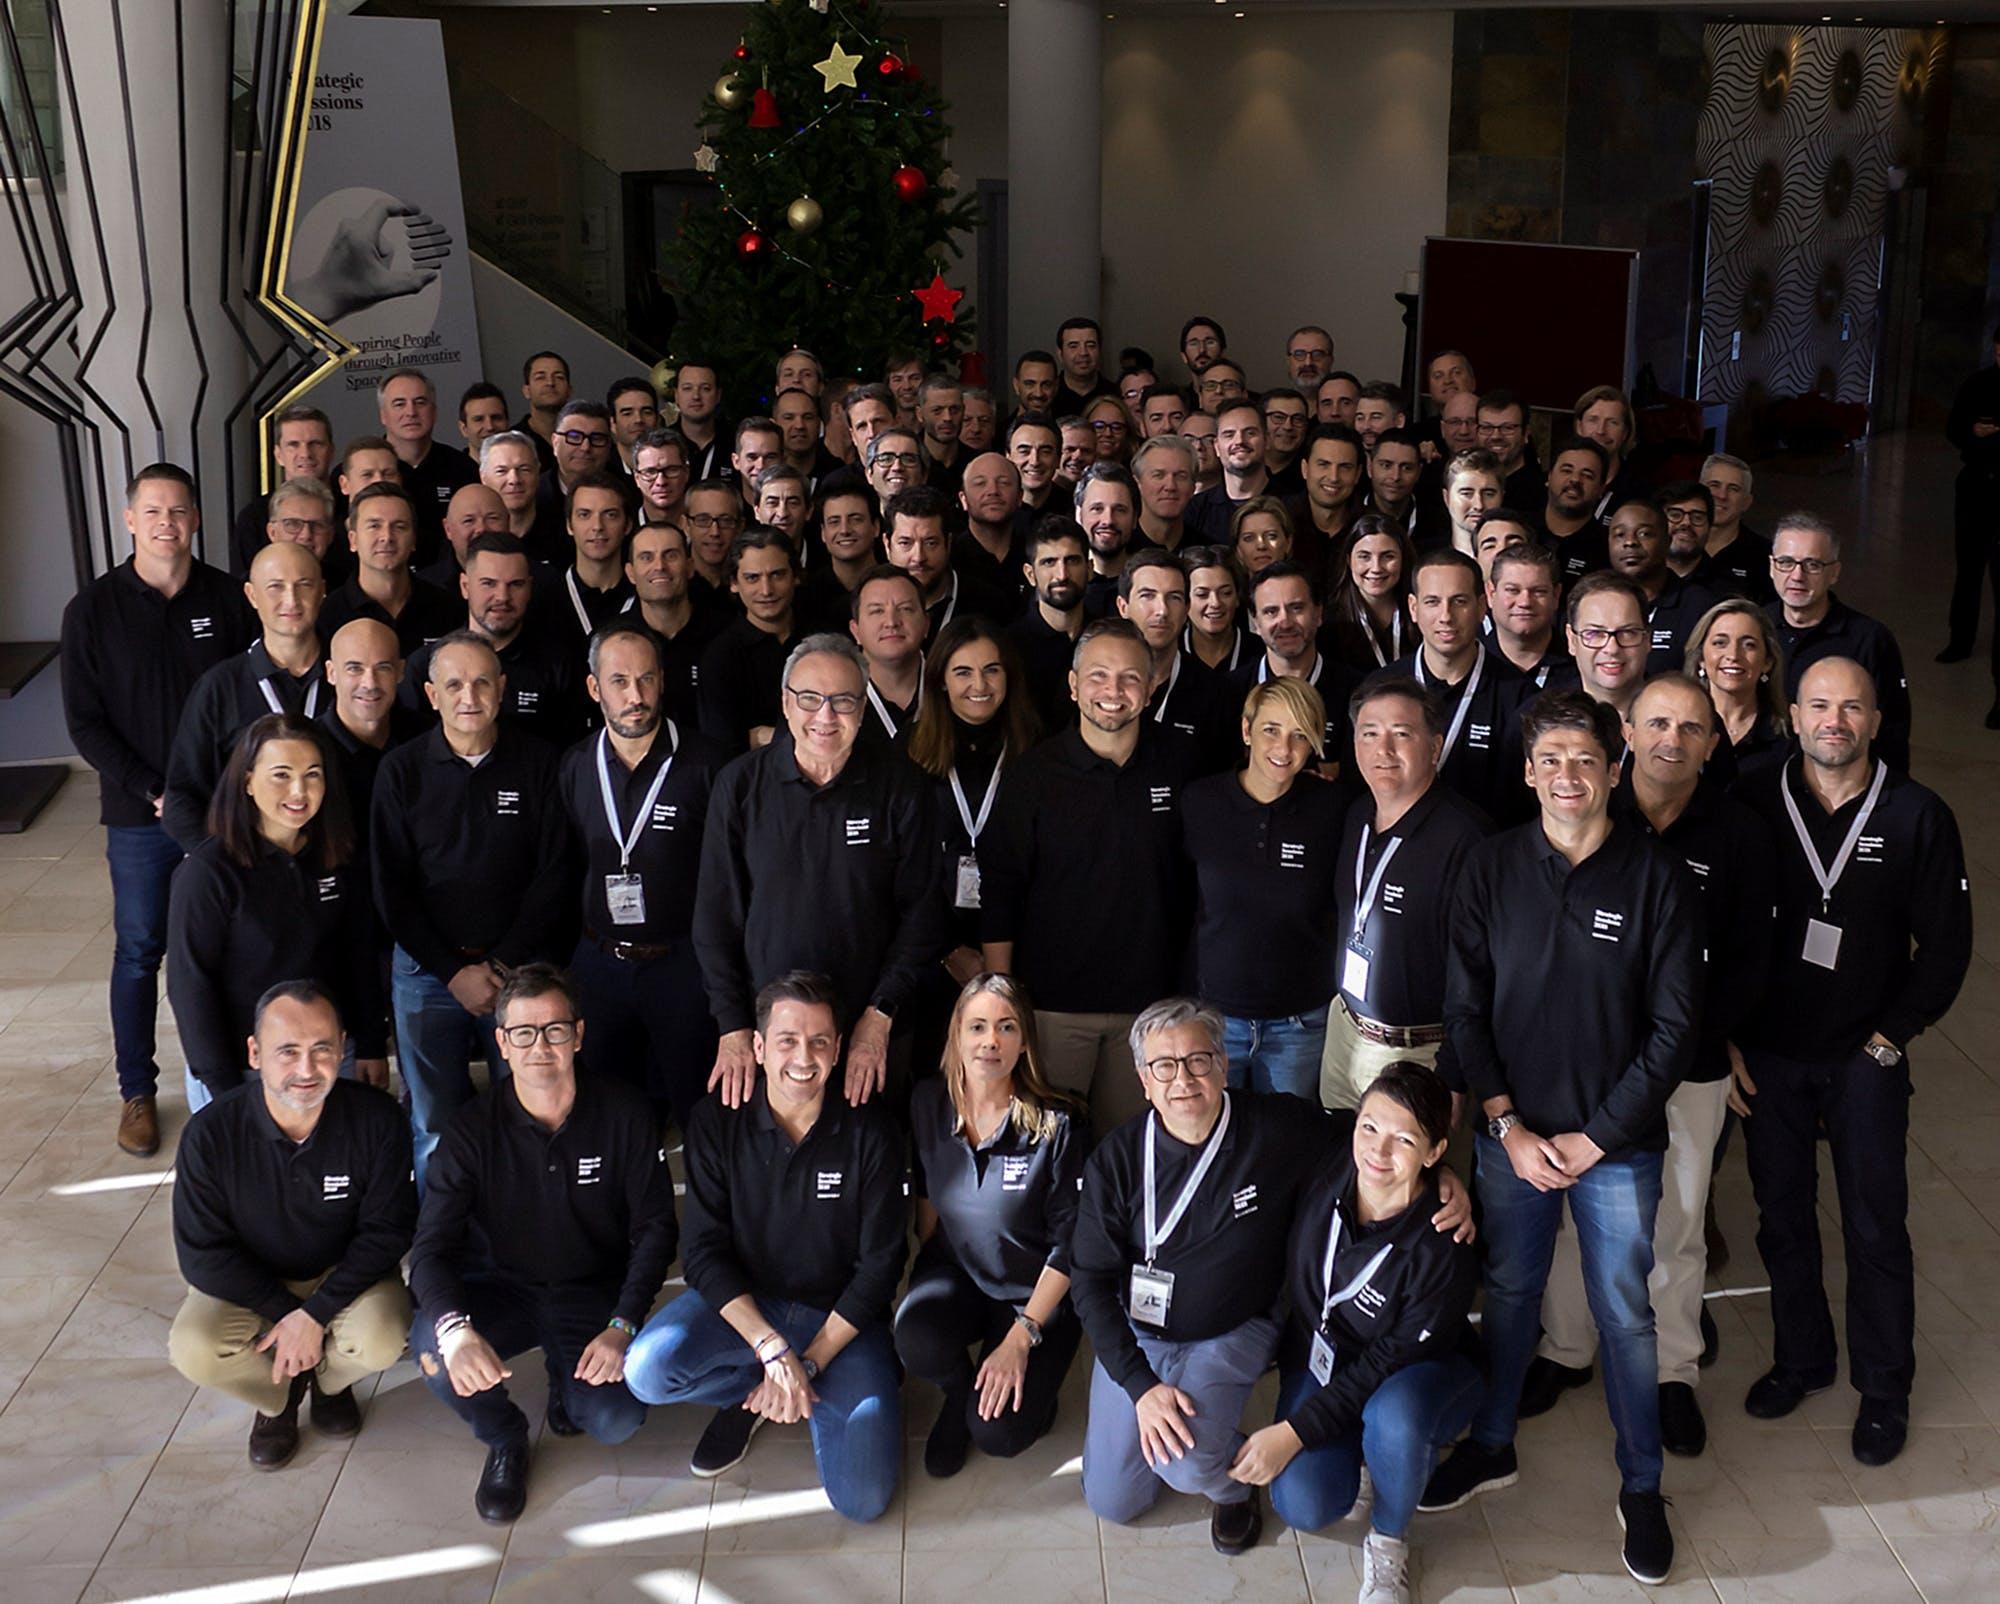 Image of JJEE Cosentino 2018 1 in Cosentino Strategic Conference - Cosentino